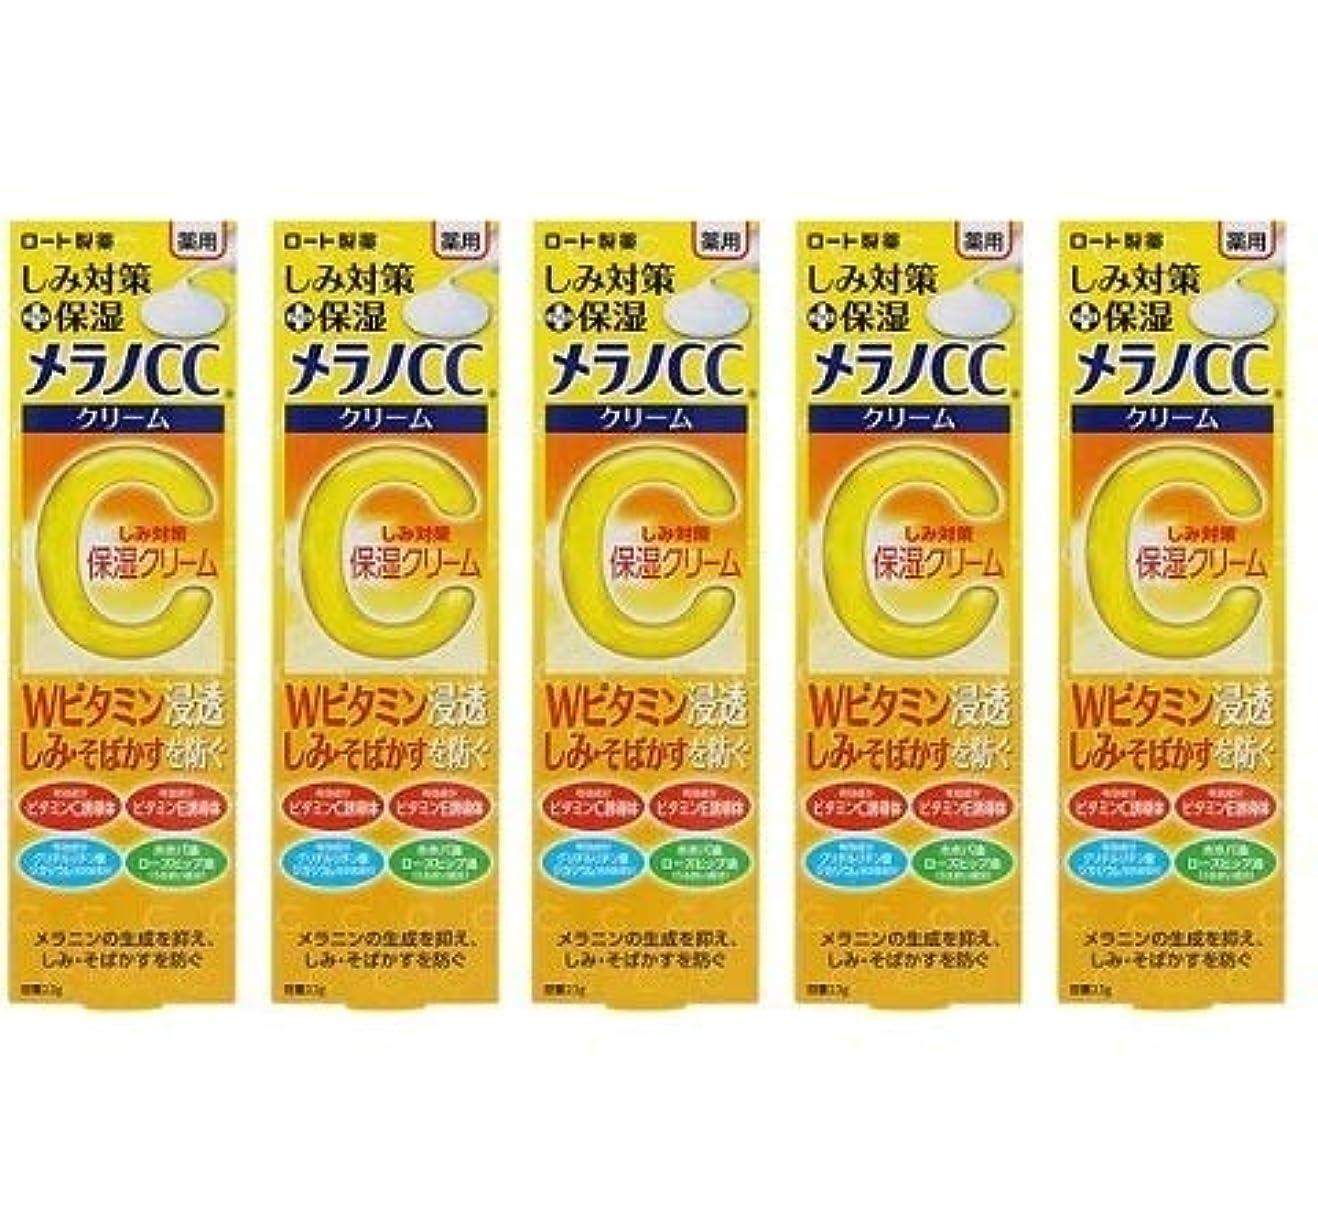 メラノCC 薬用しみ対策 保湿クリーム 23g×5個セット